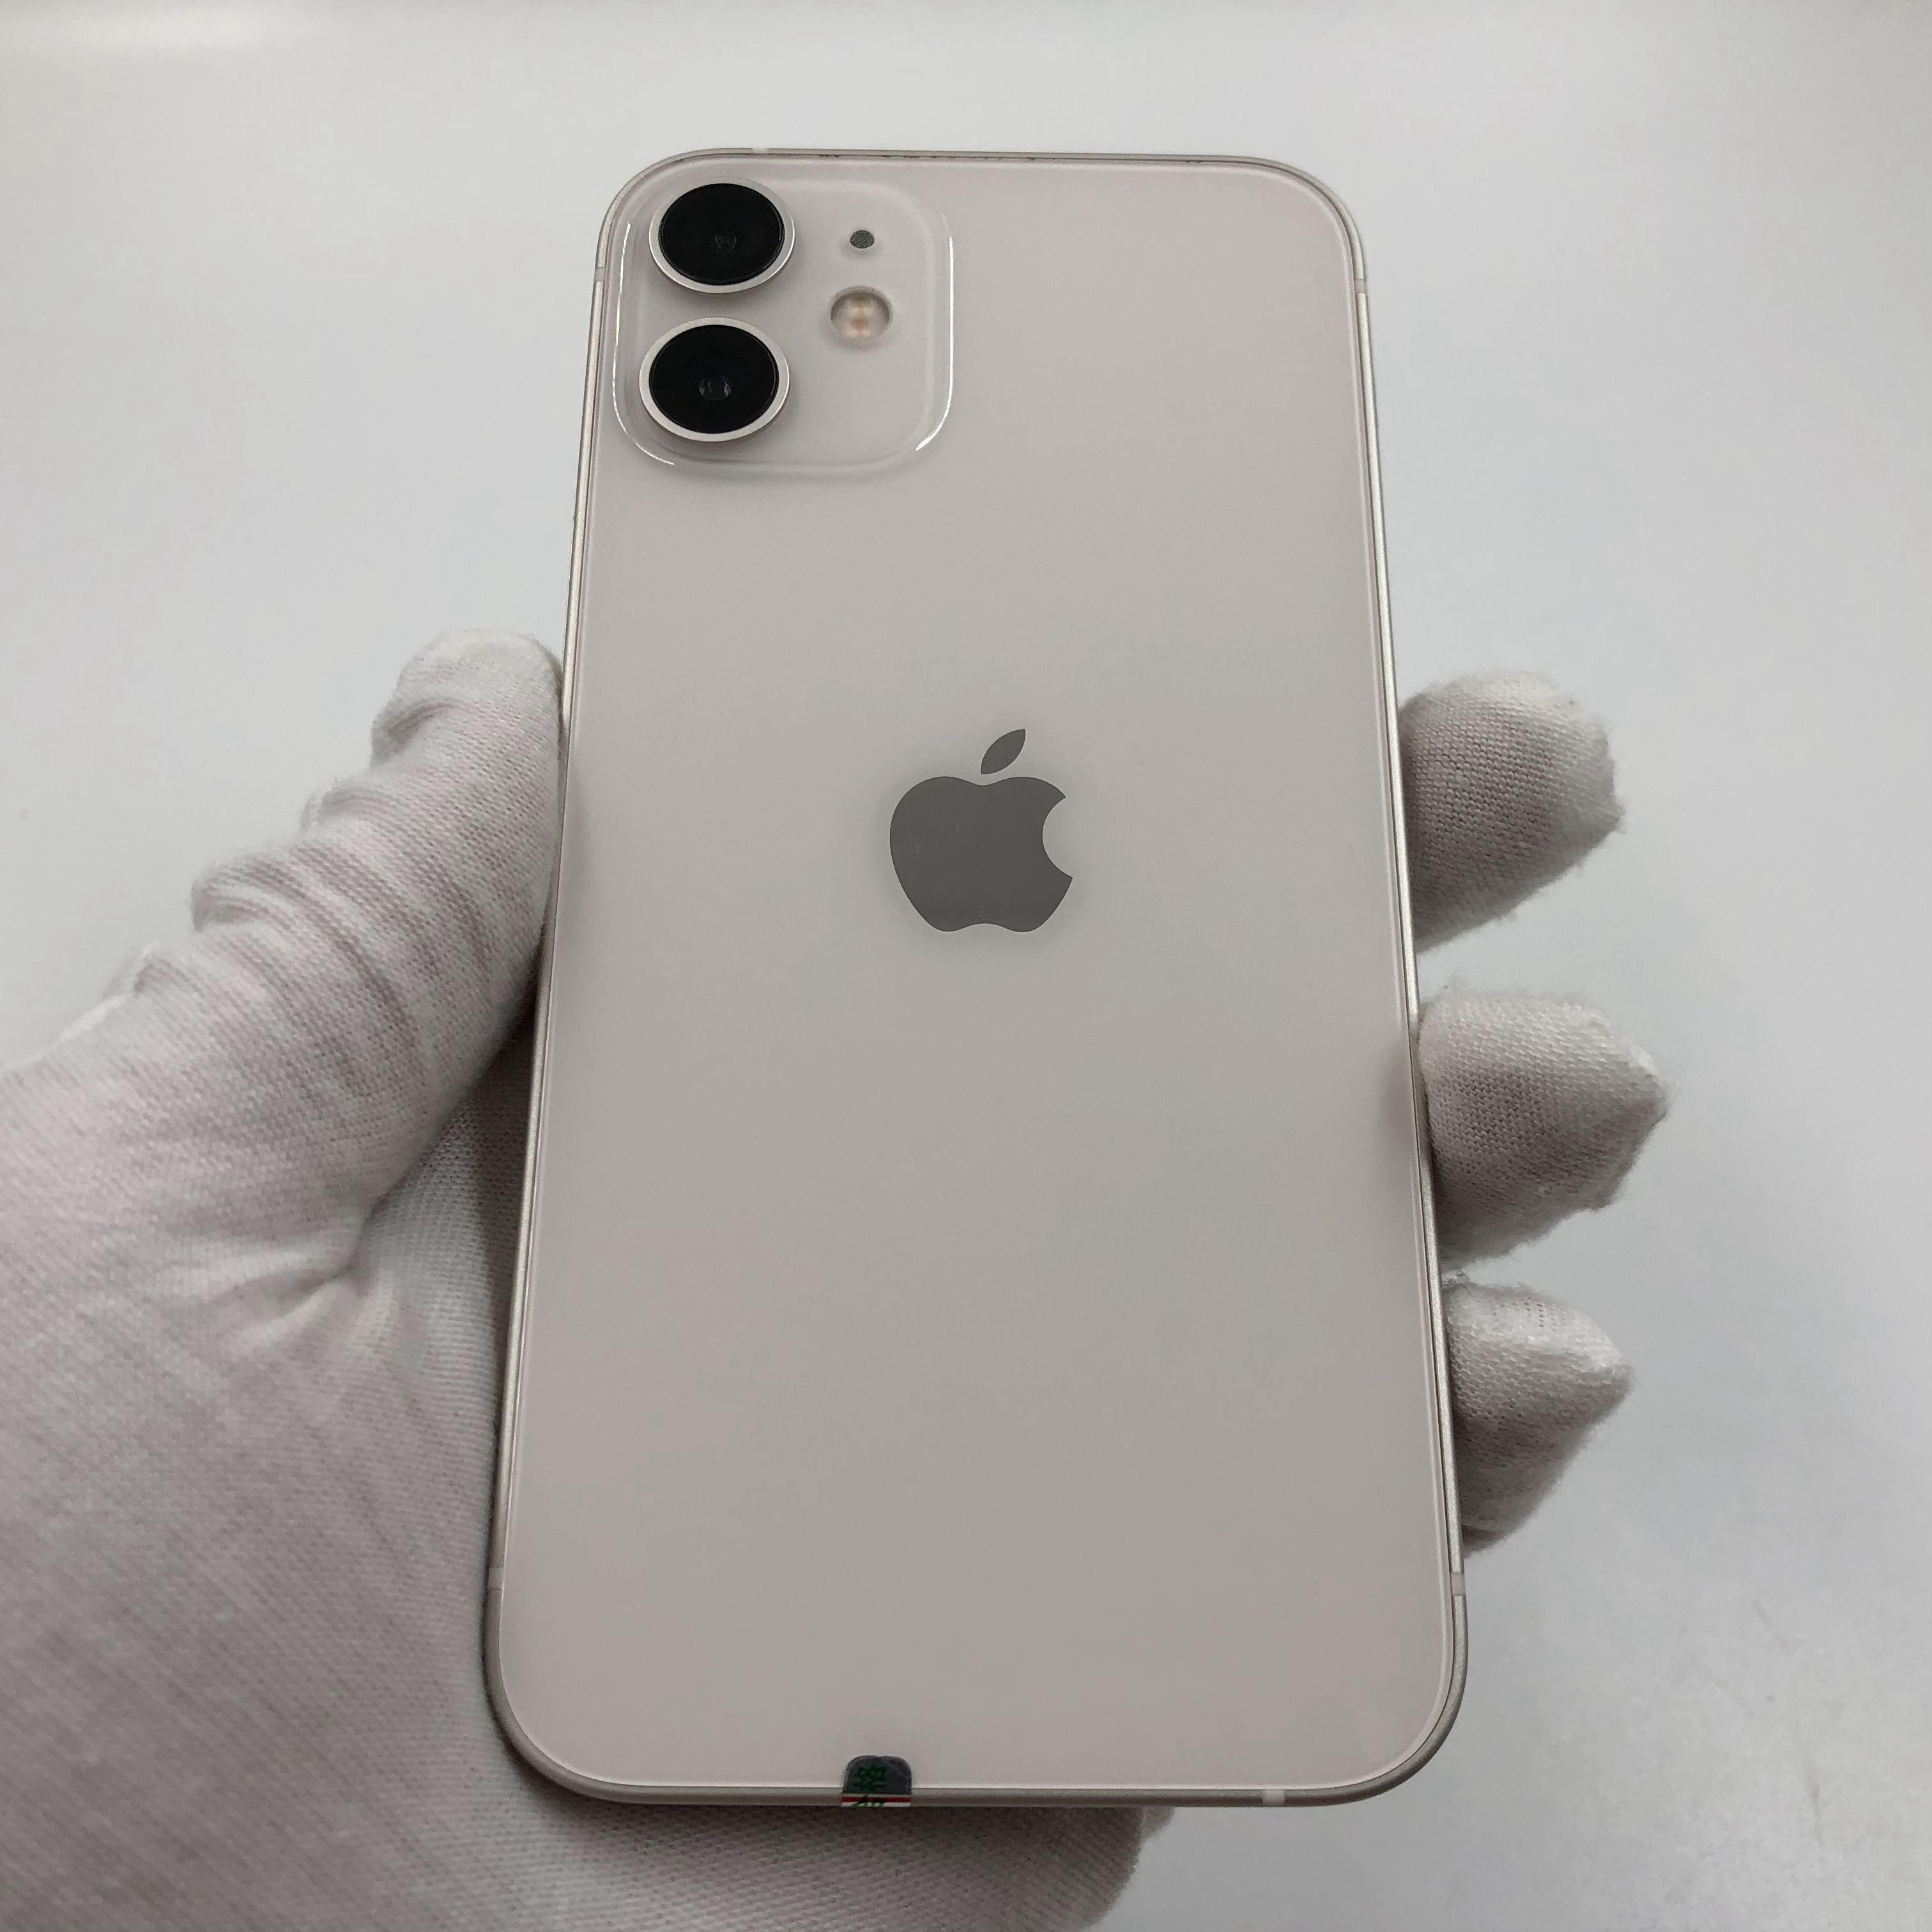 苹果【iPhone 12 mini】5G全网通 白色 128G 国行 99新 真机实拍官保2022-02-24